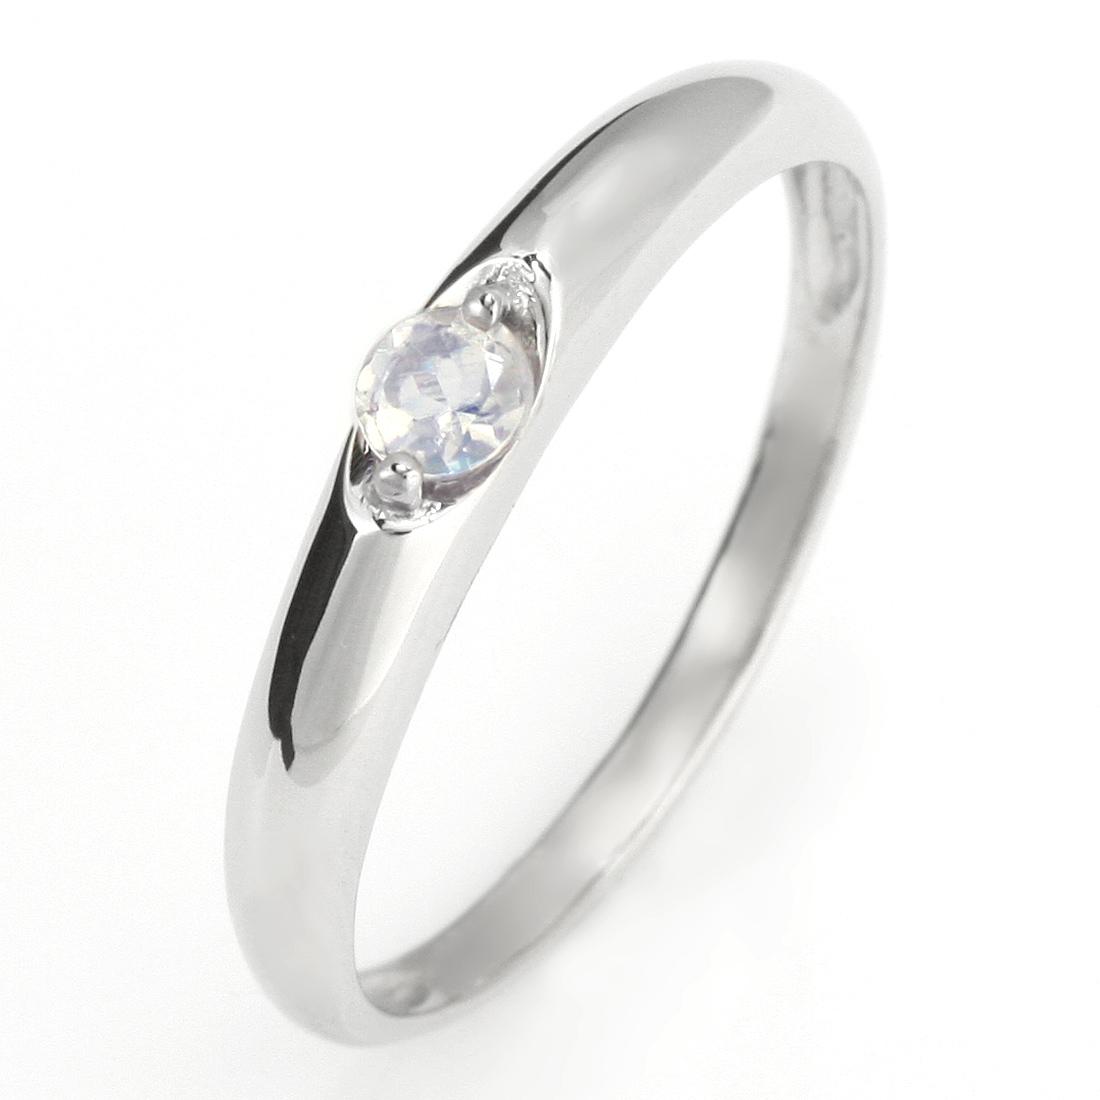 ペアリング 結婚指輪 マリッジリング プラチナ リング ムーンストーン 6月 誕生石【DEAL】